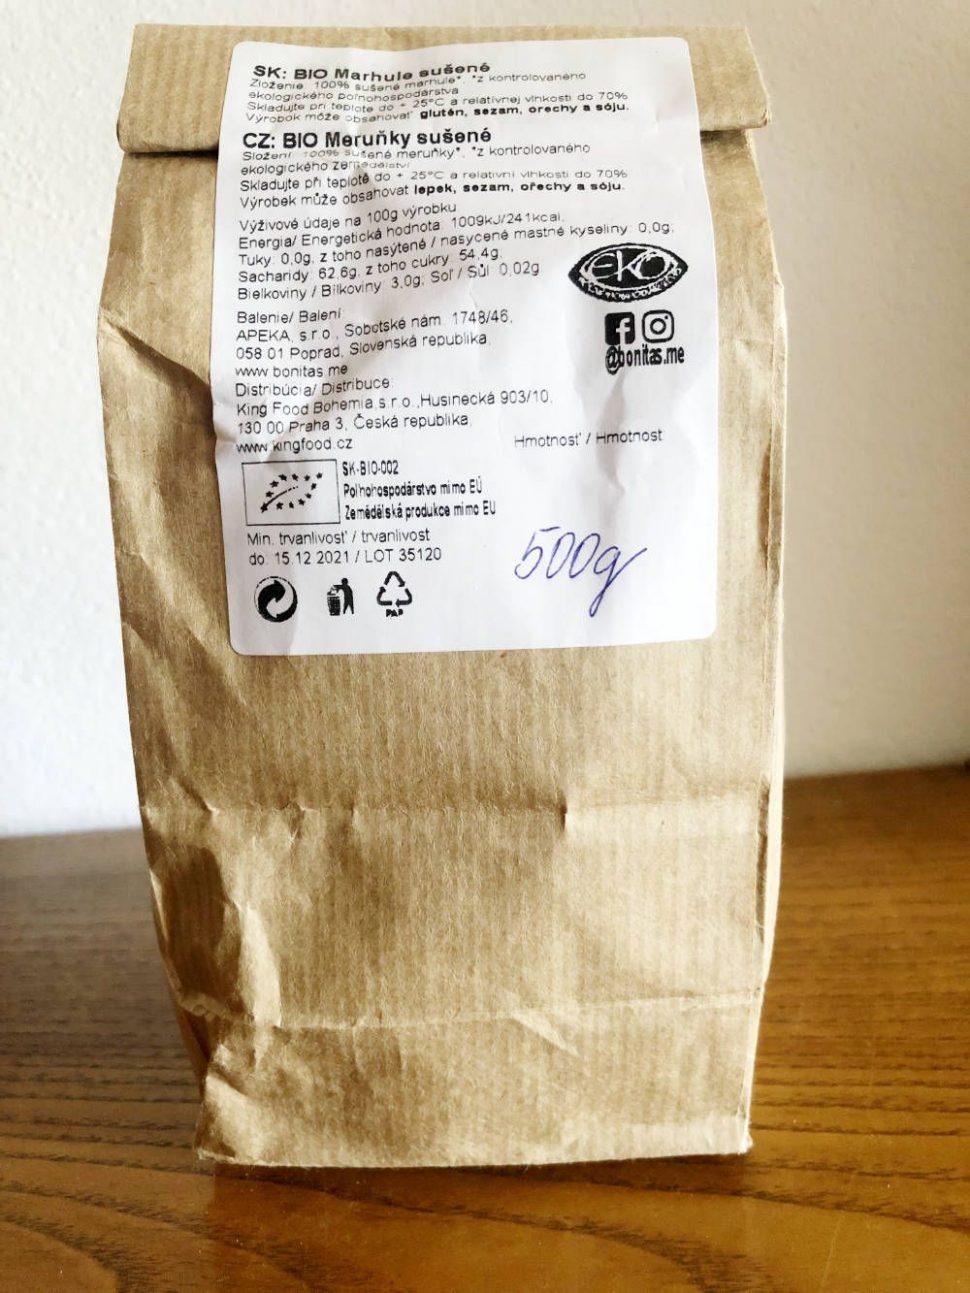 BIO sušené marhule v papierovom vrecku, zdravé potraviny bez obalu